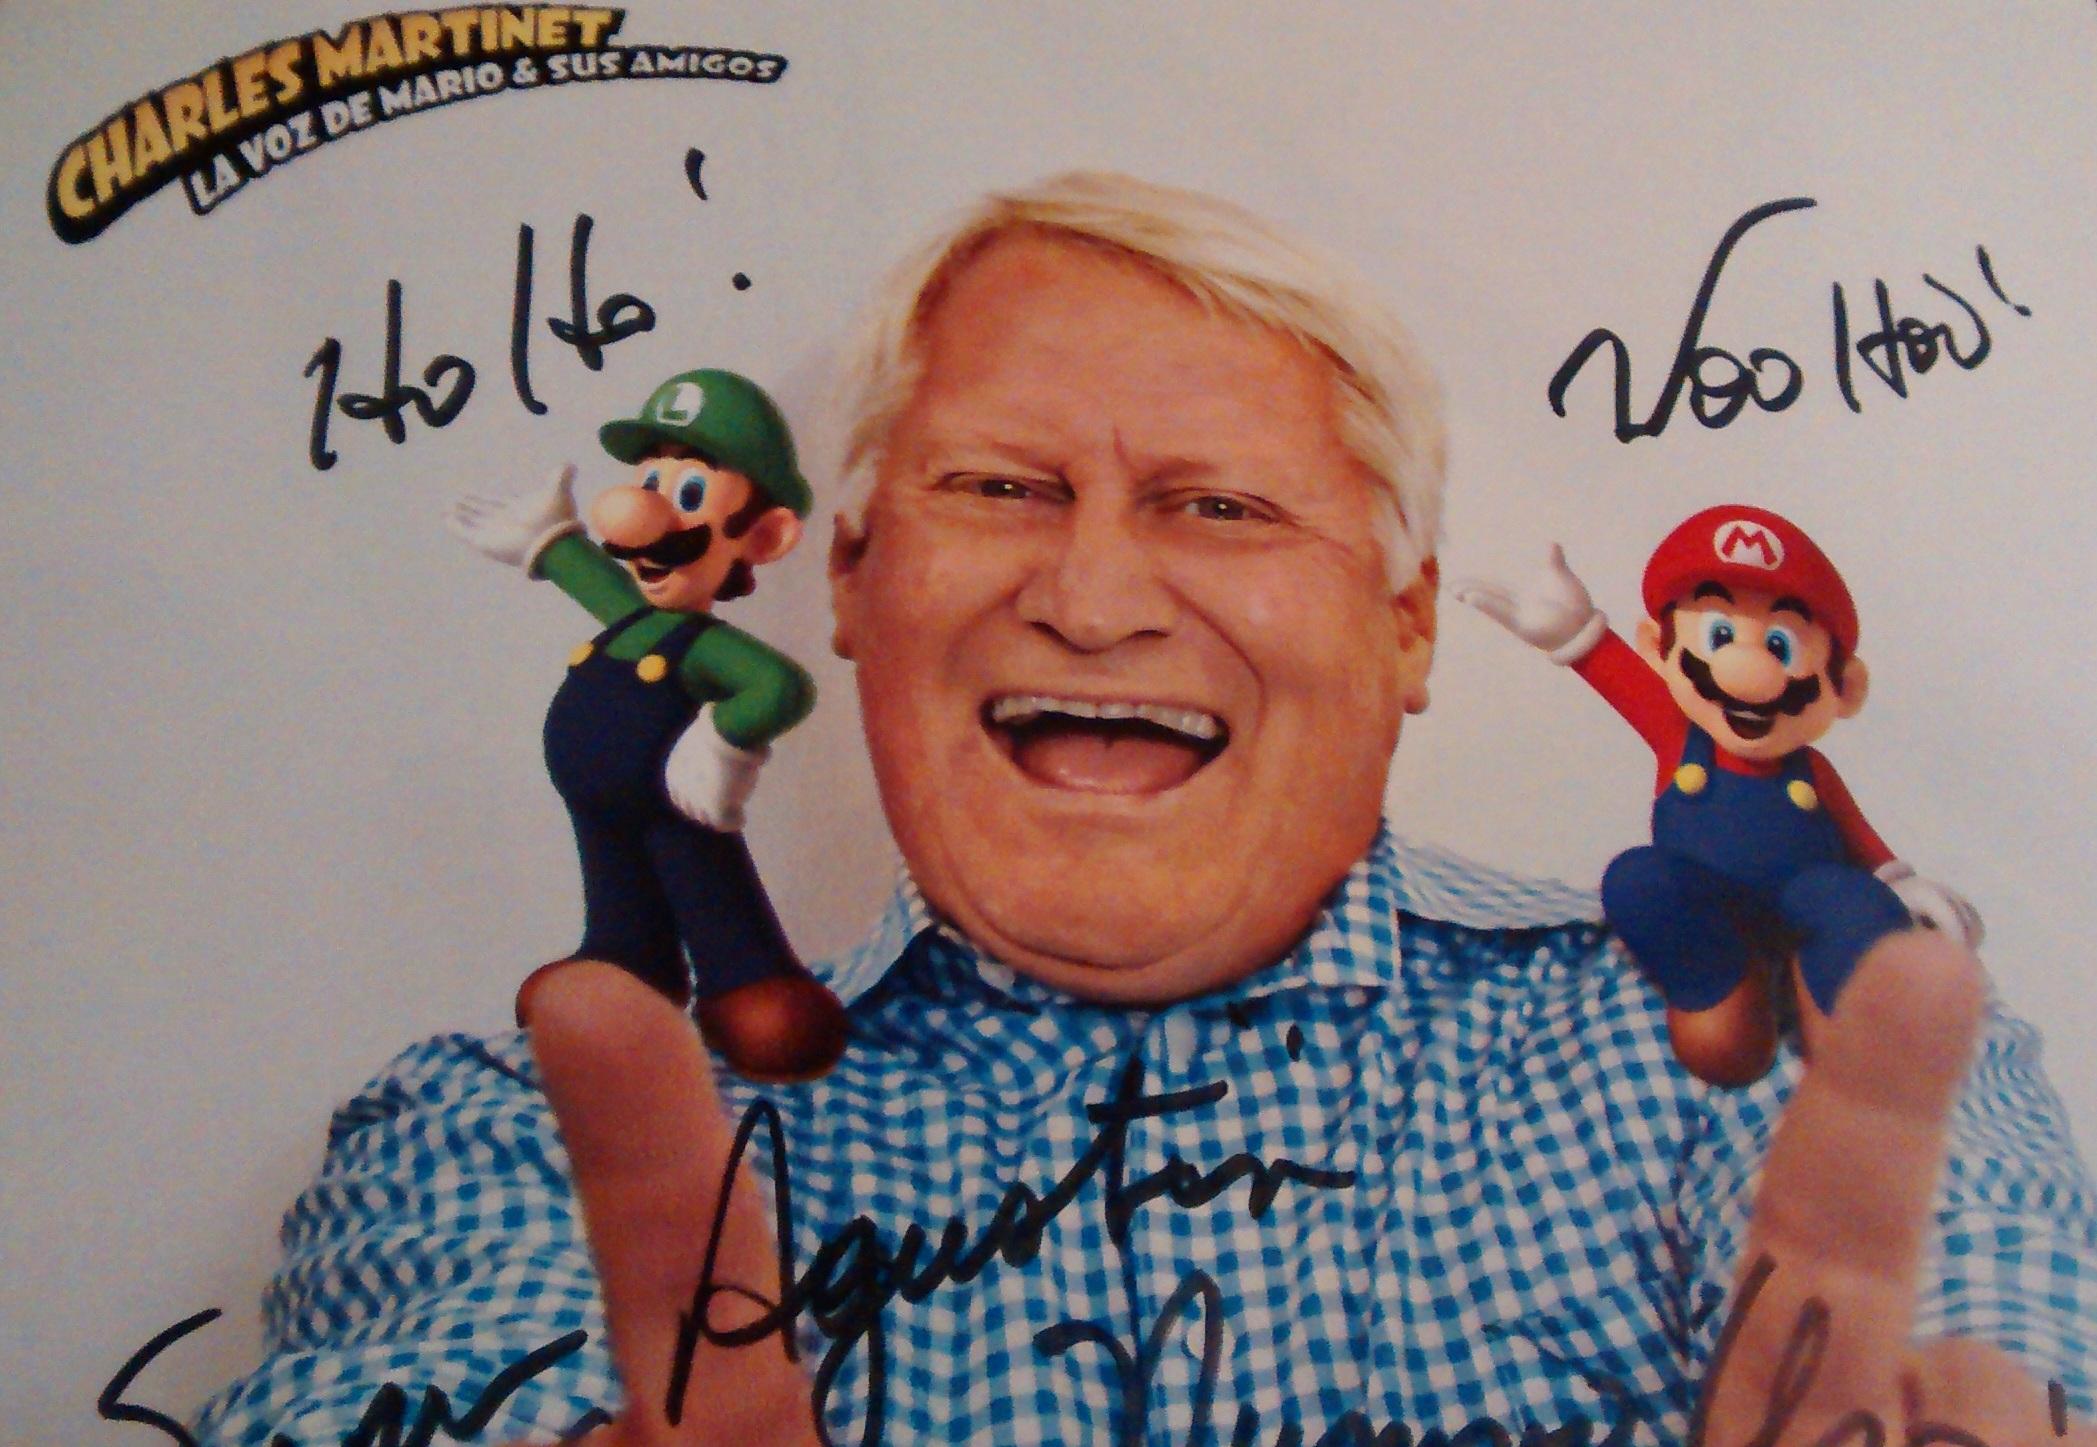 Festigame 2014, Super Sábado con Mario, PlayStation y regalitos. [BITÁCORA]